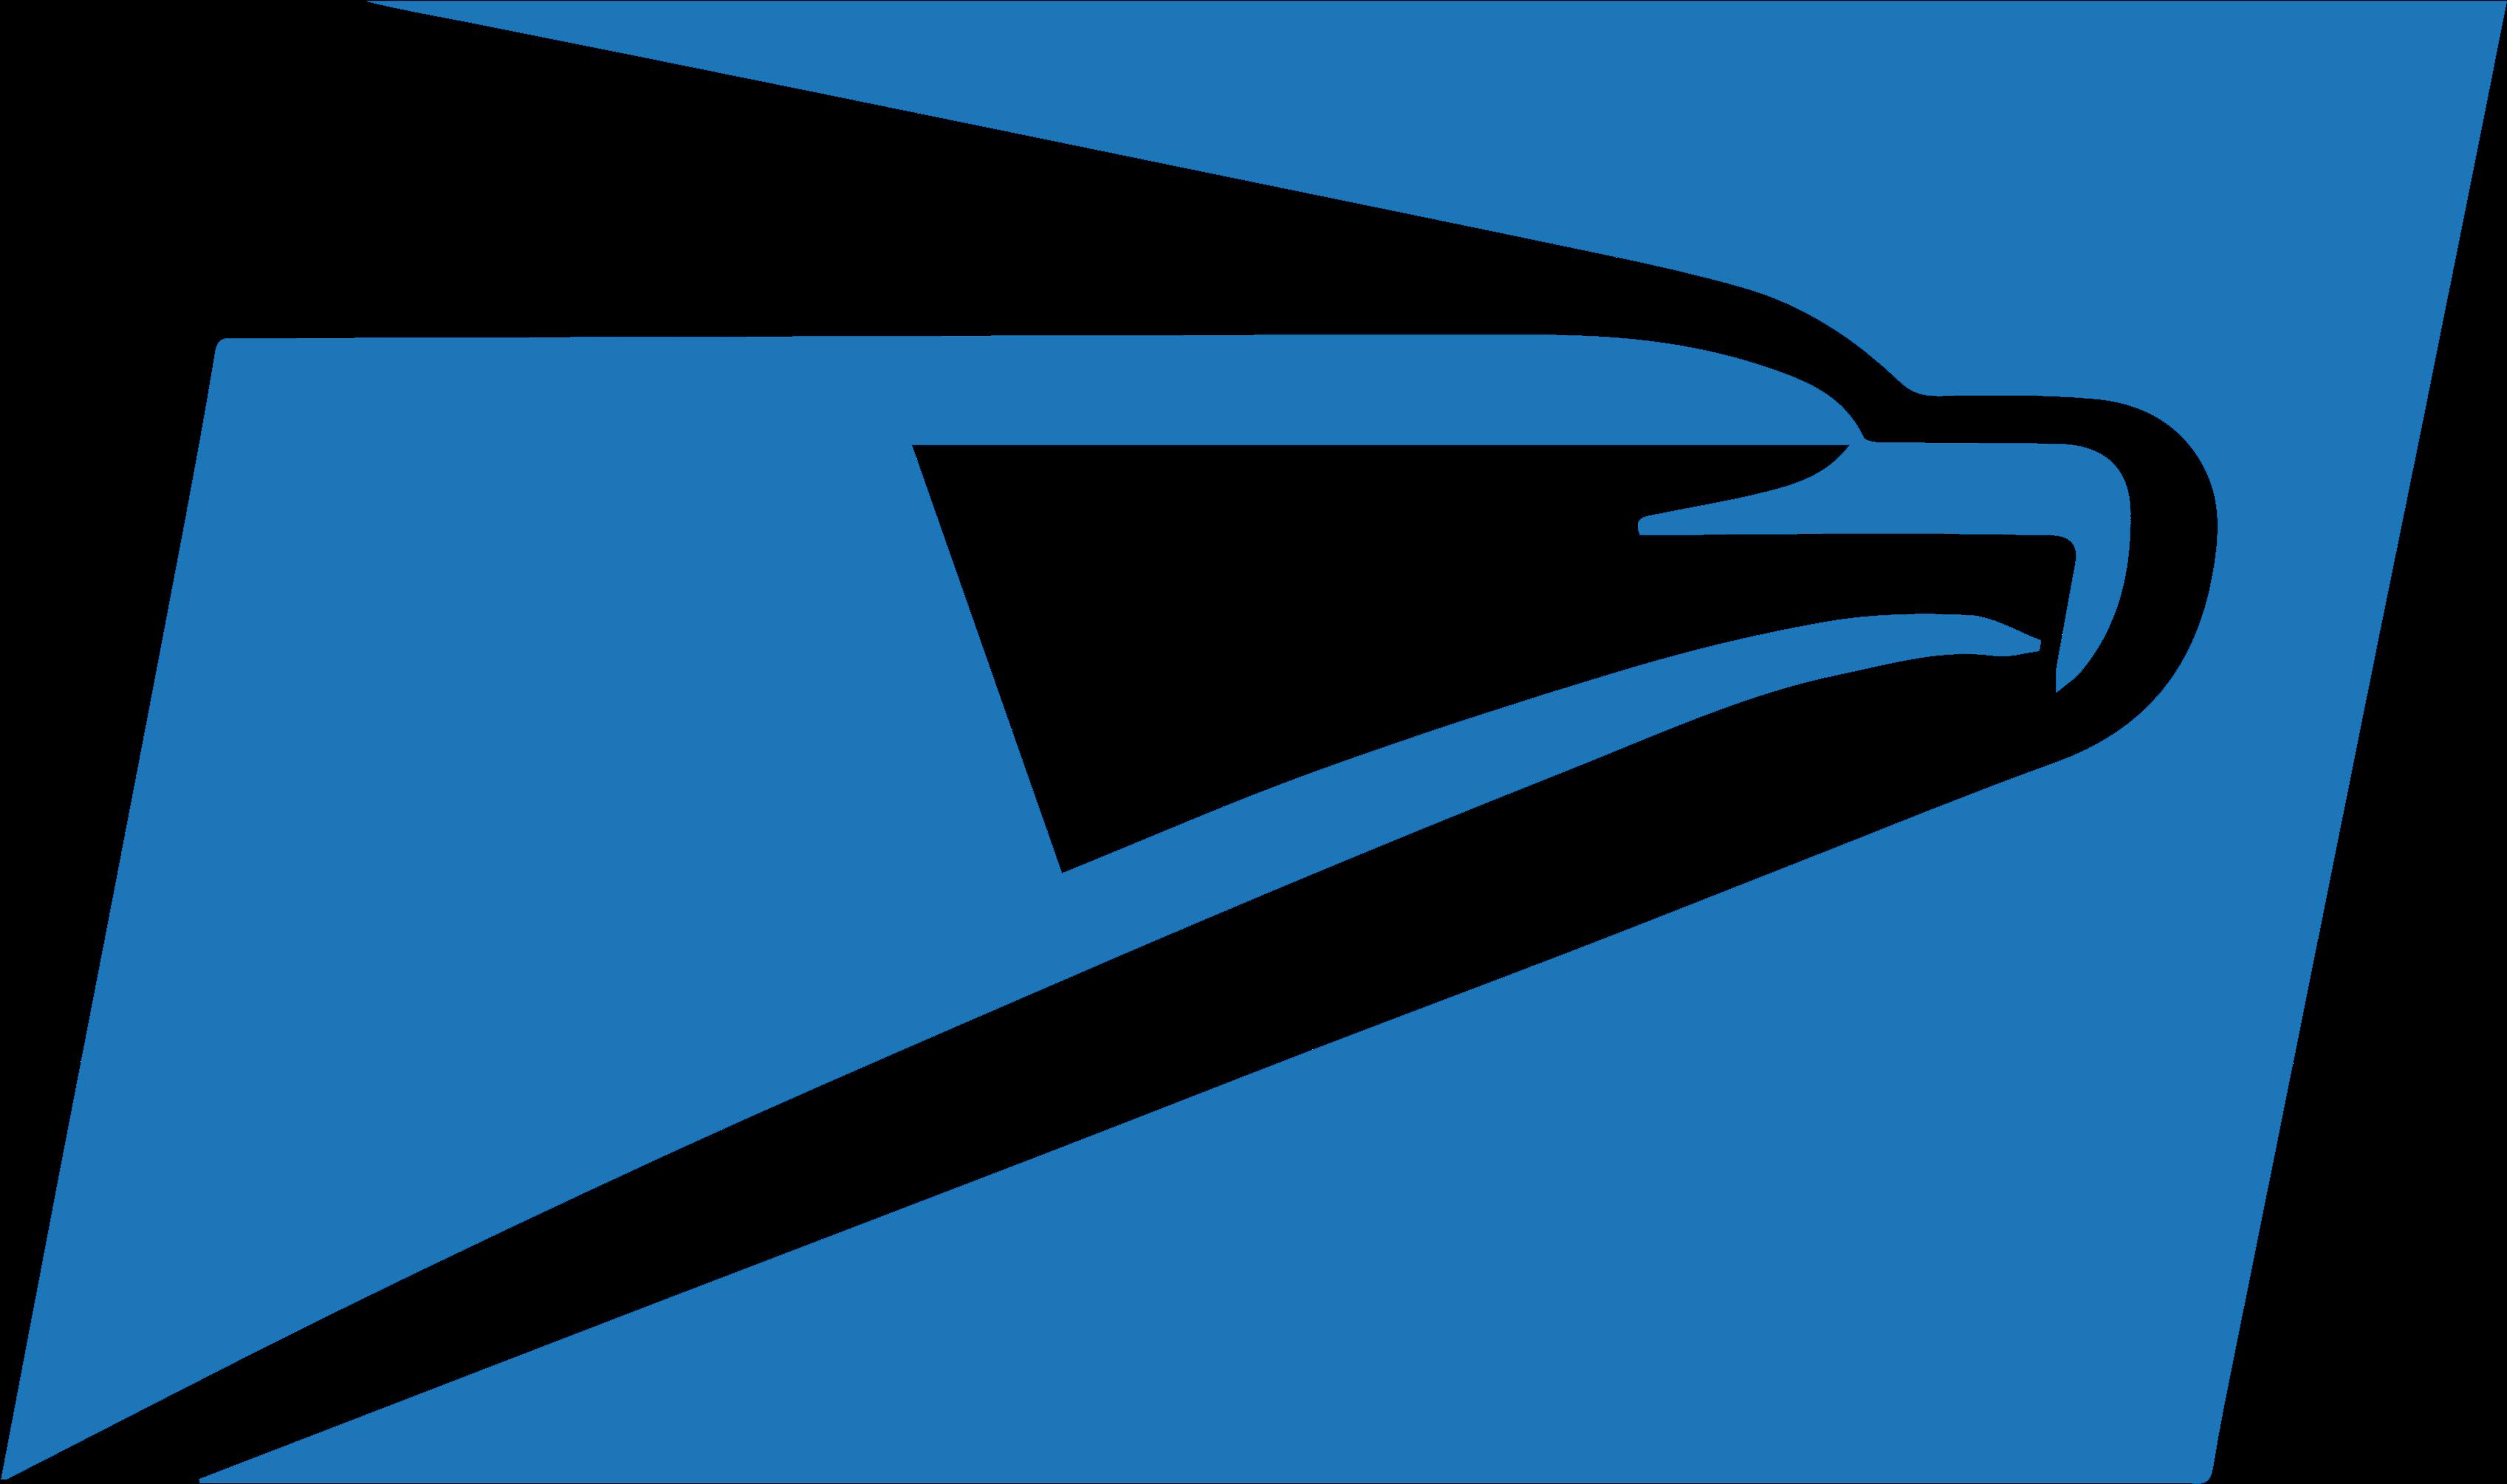 Aflac Logo Png Transparent Best Stock Photos Postal.